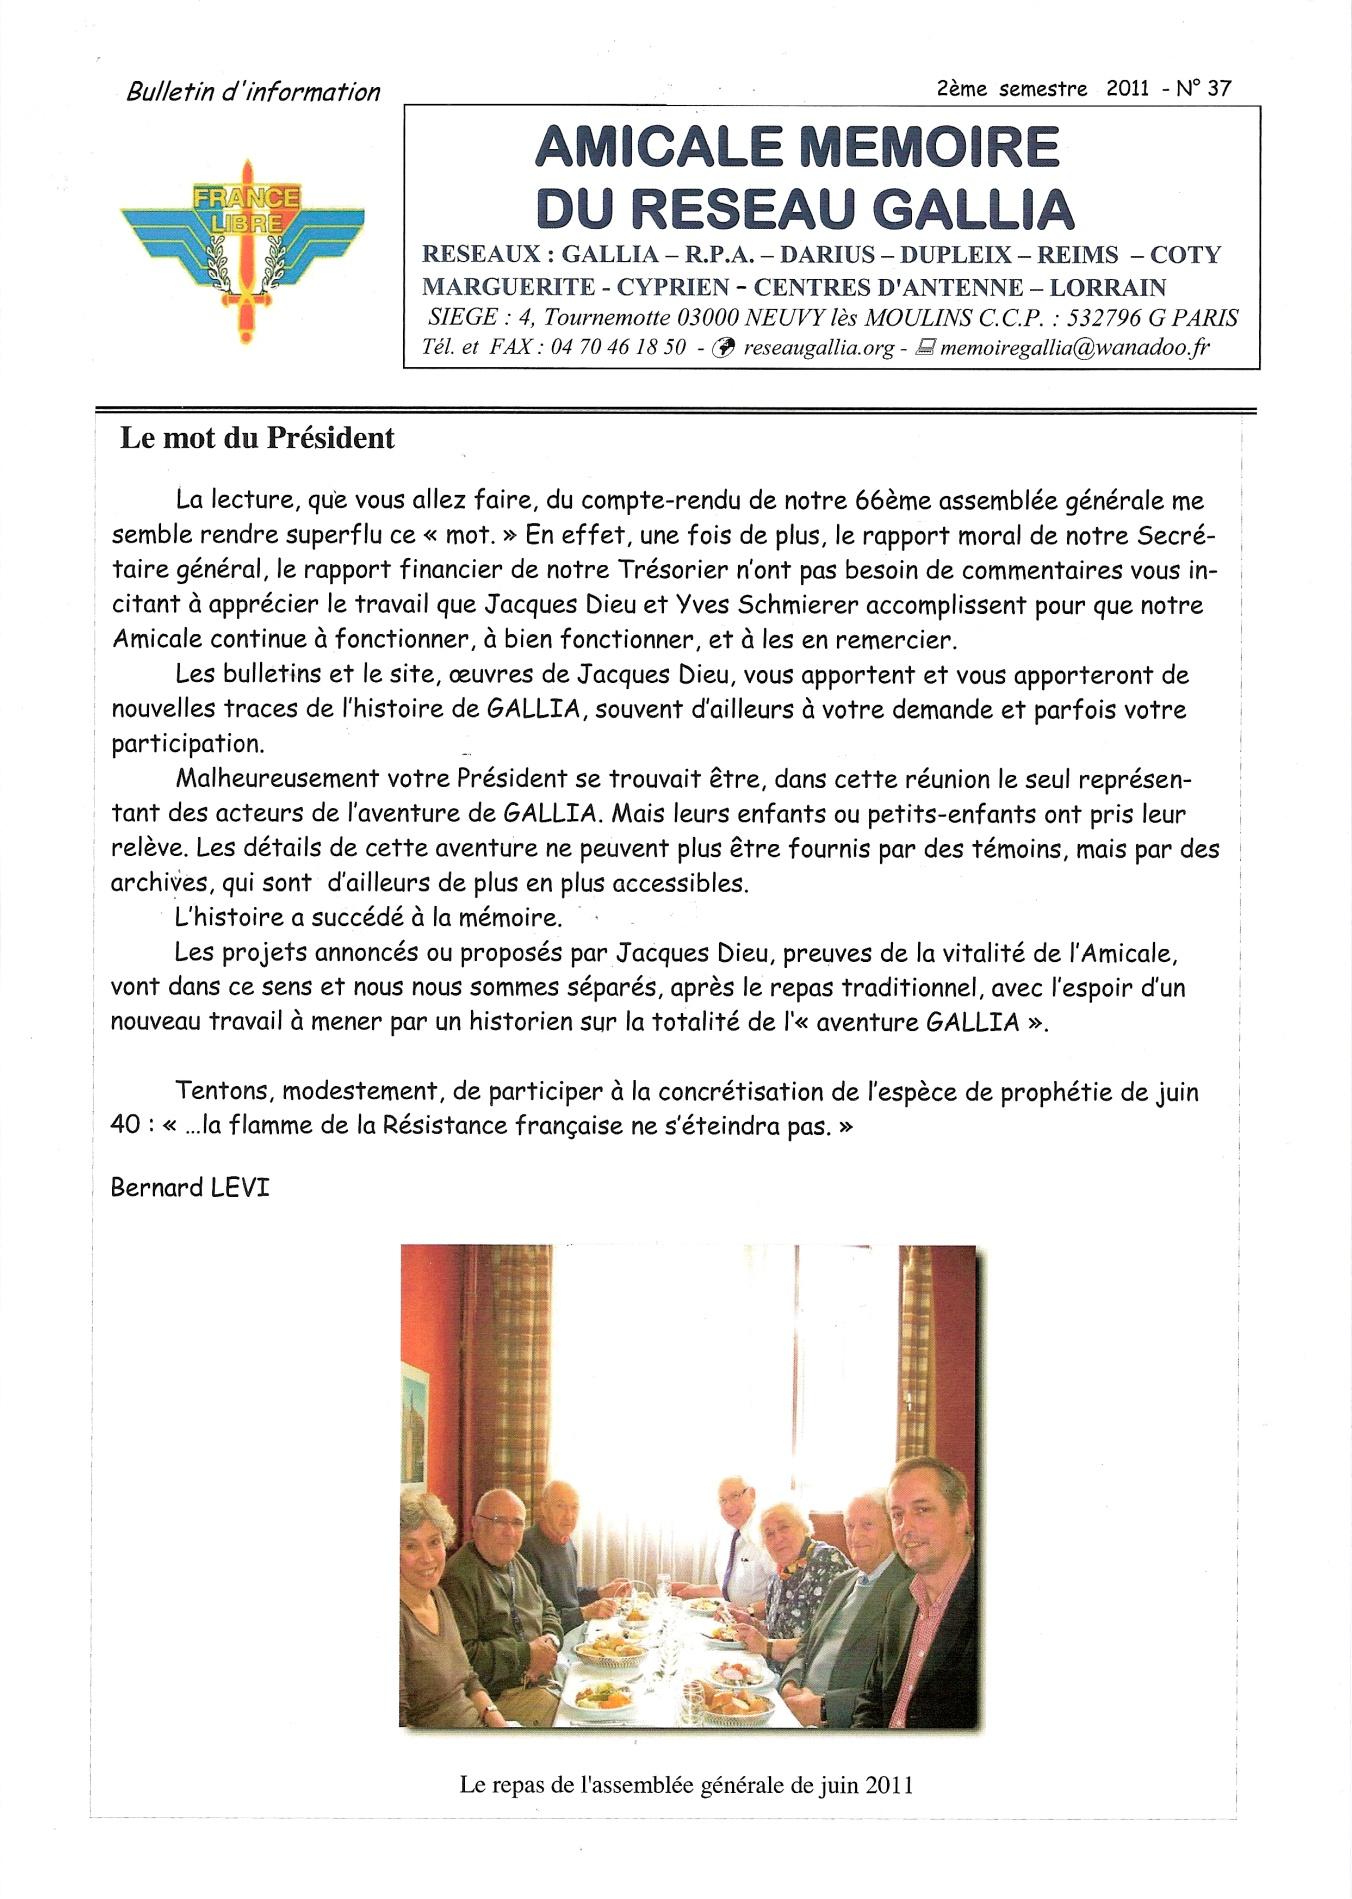 Amicale Mémoire du Réseau Gallia, n° 37 (périodique)